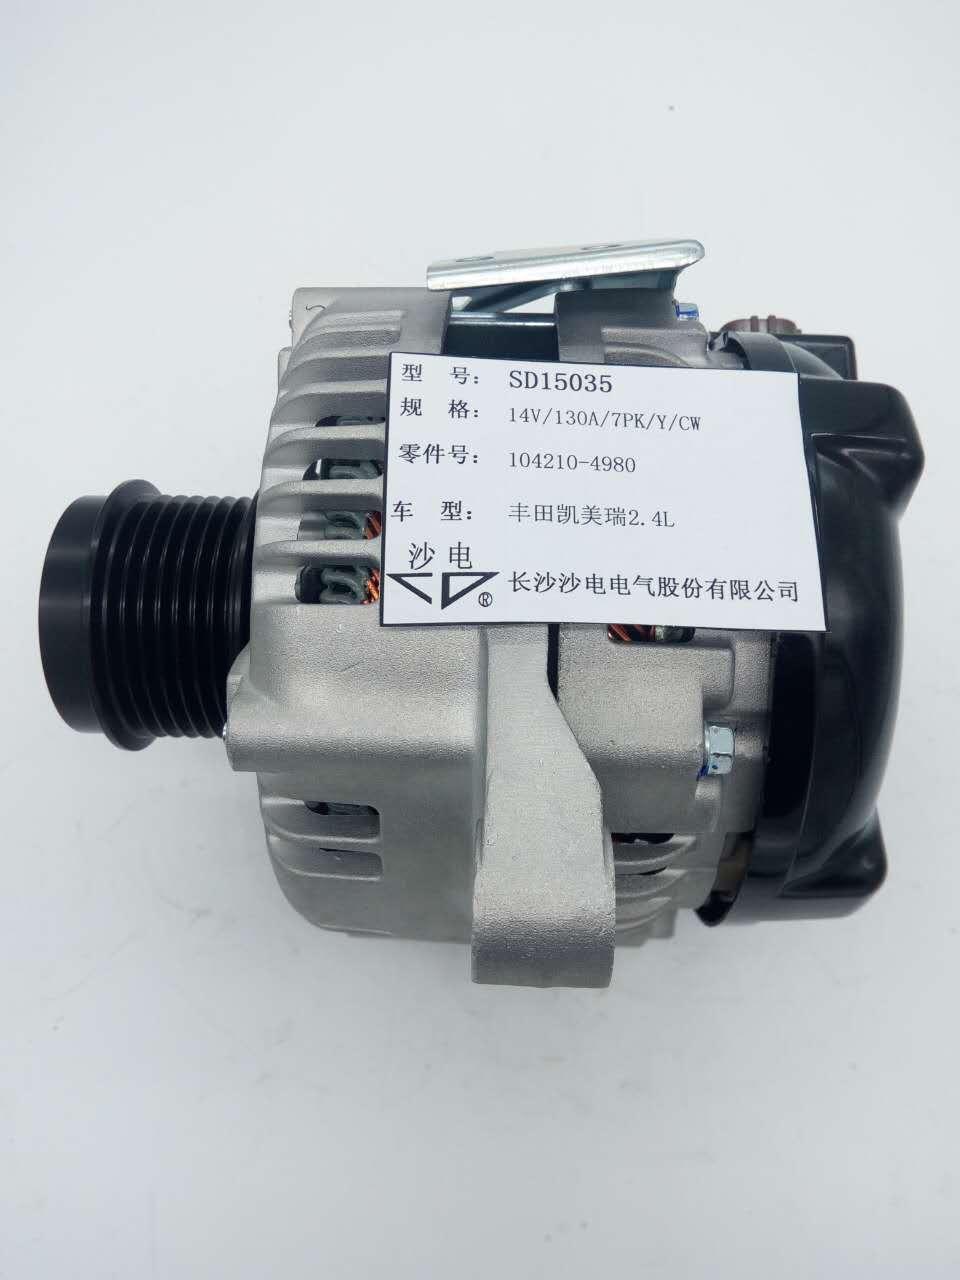 电装发电机104210-4980适用于凯美瑞/普瑞维亚2.4L